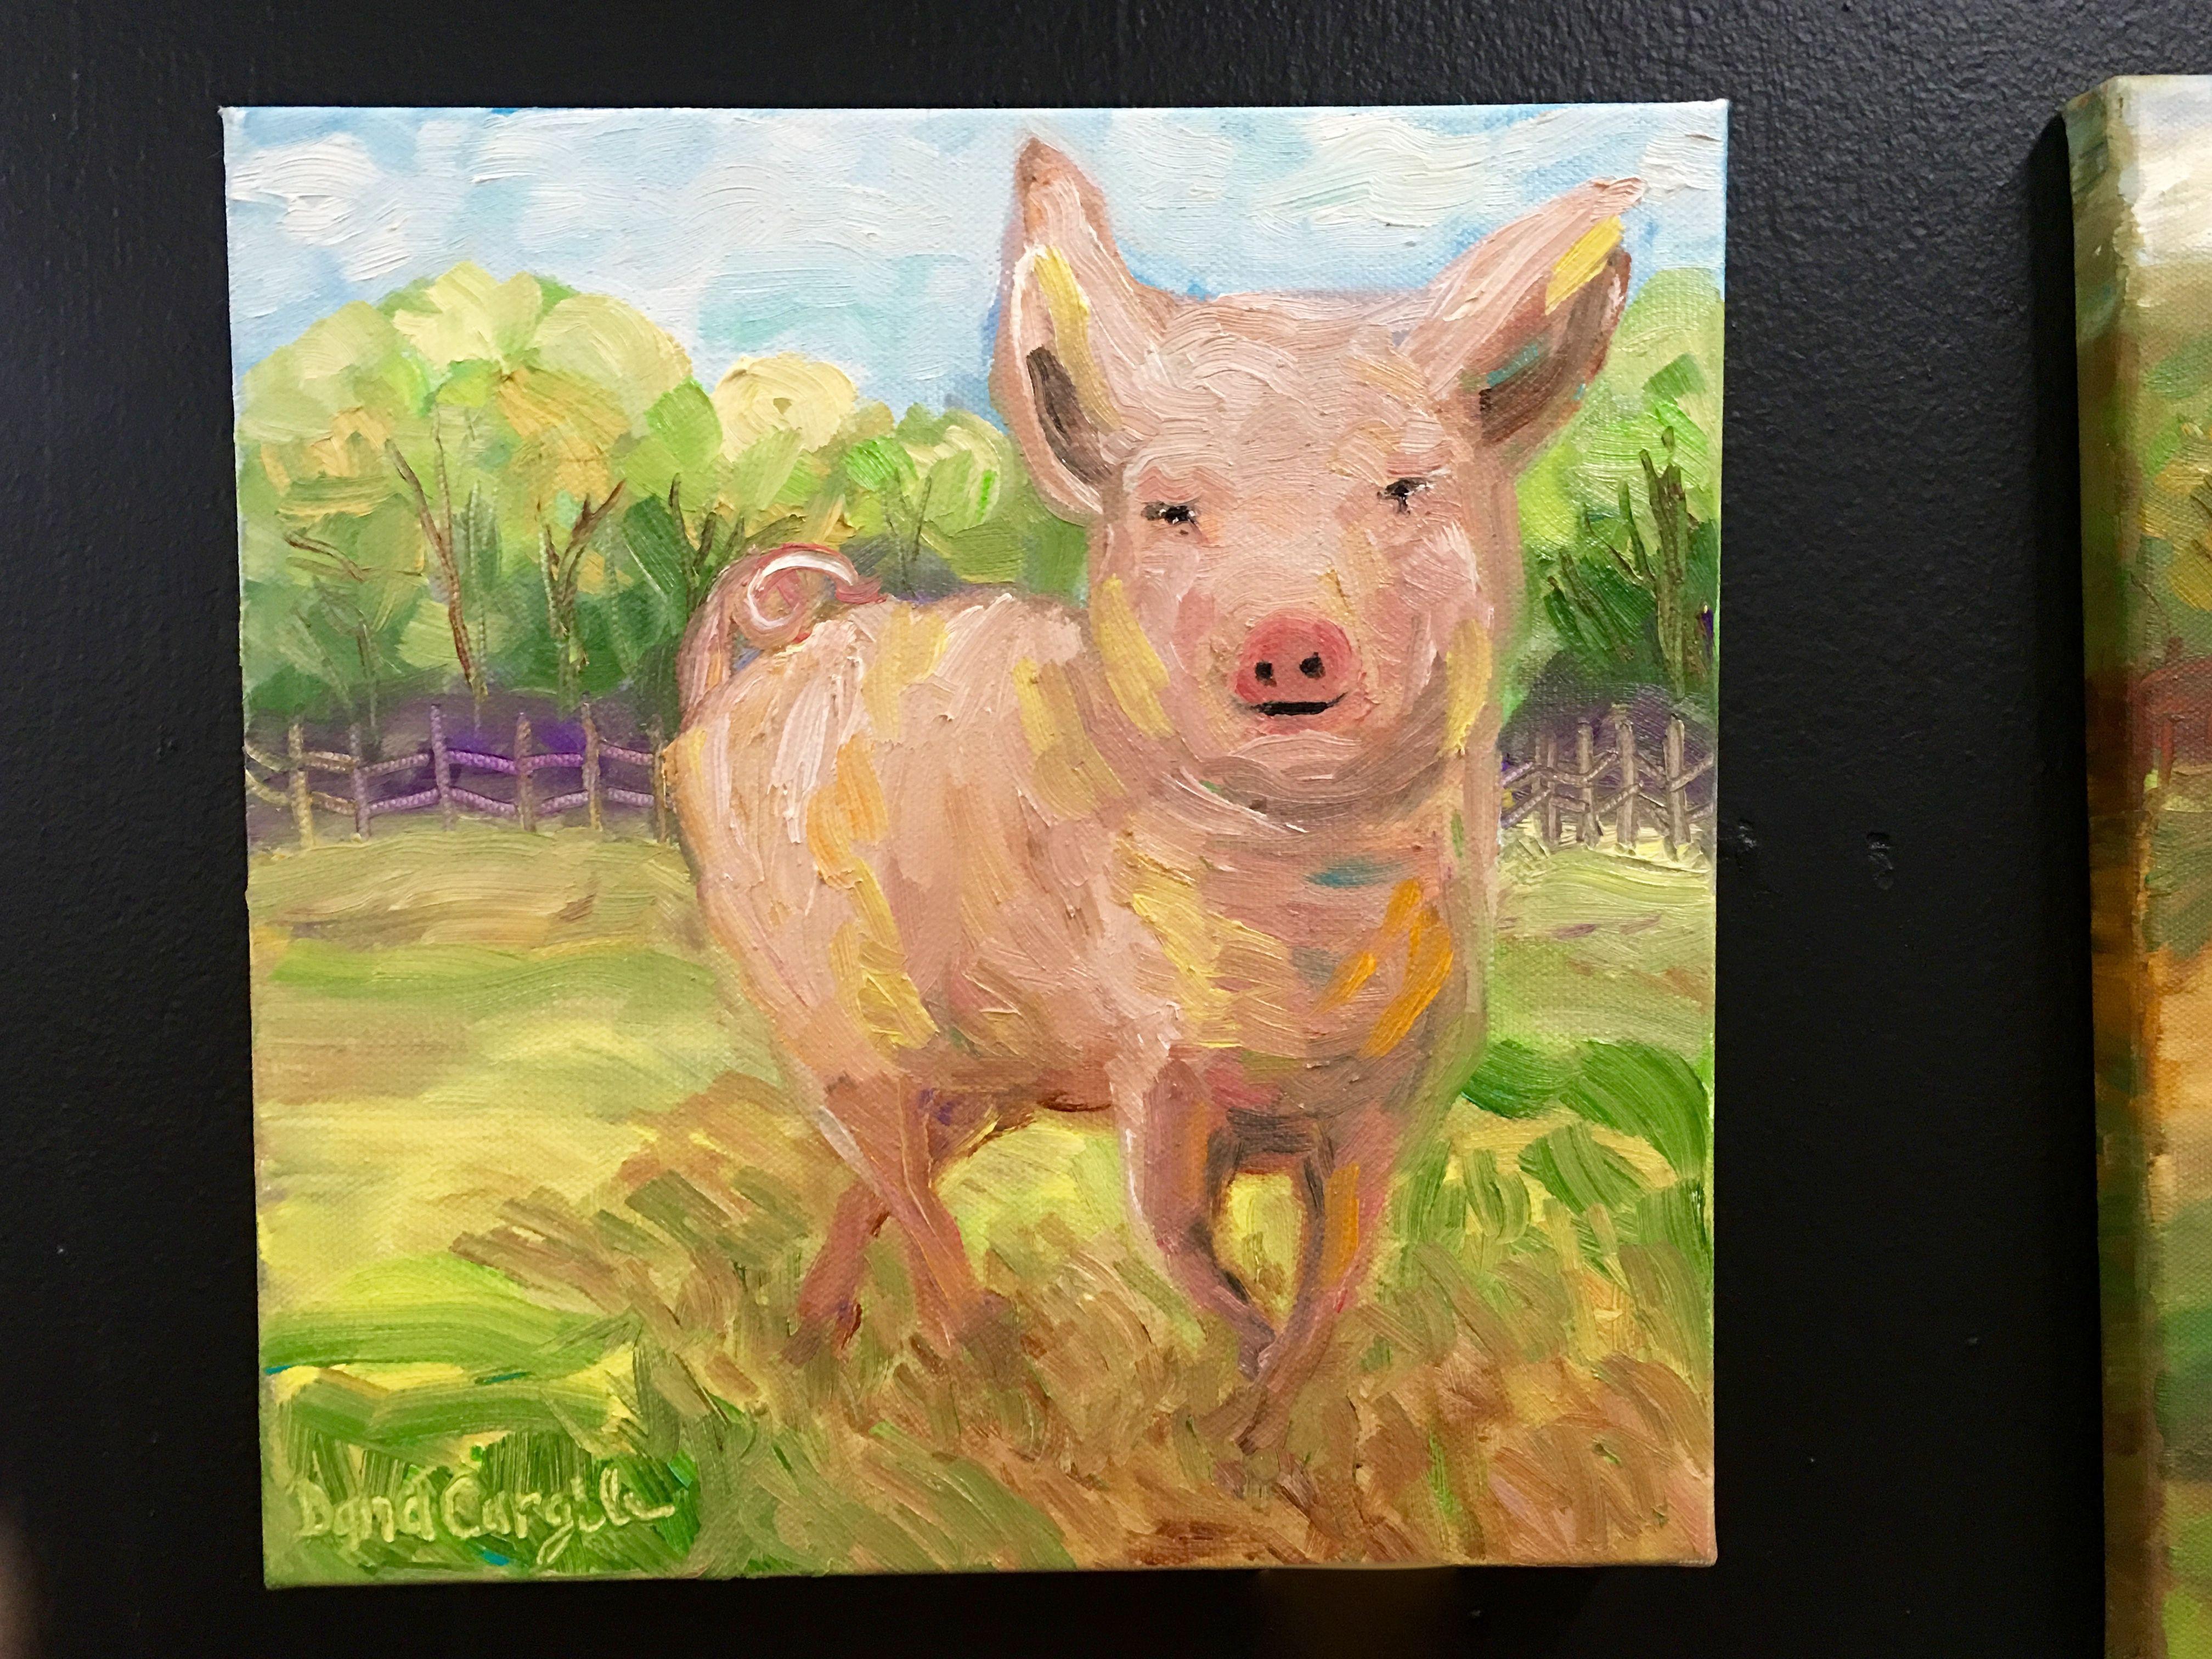 Dana Cargile Art Dealer #1202 This Little Piggy $95 Other Original ...